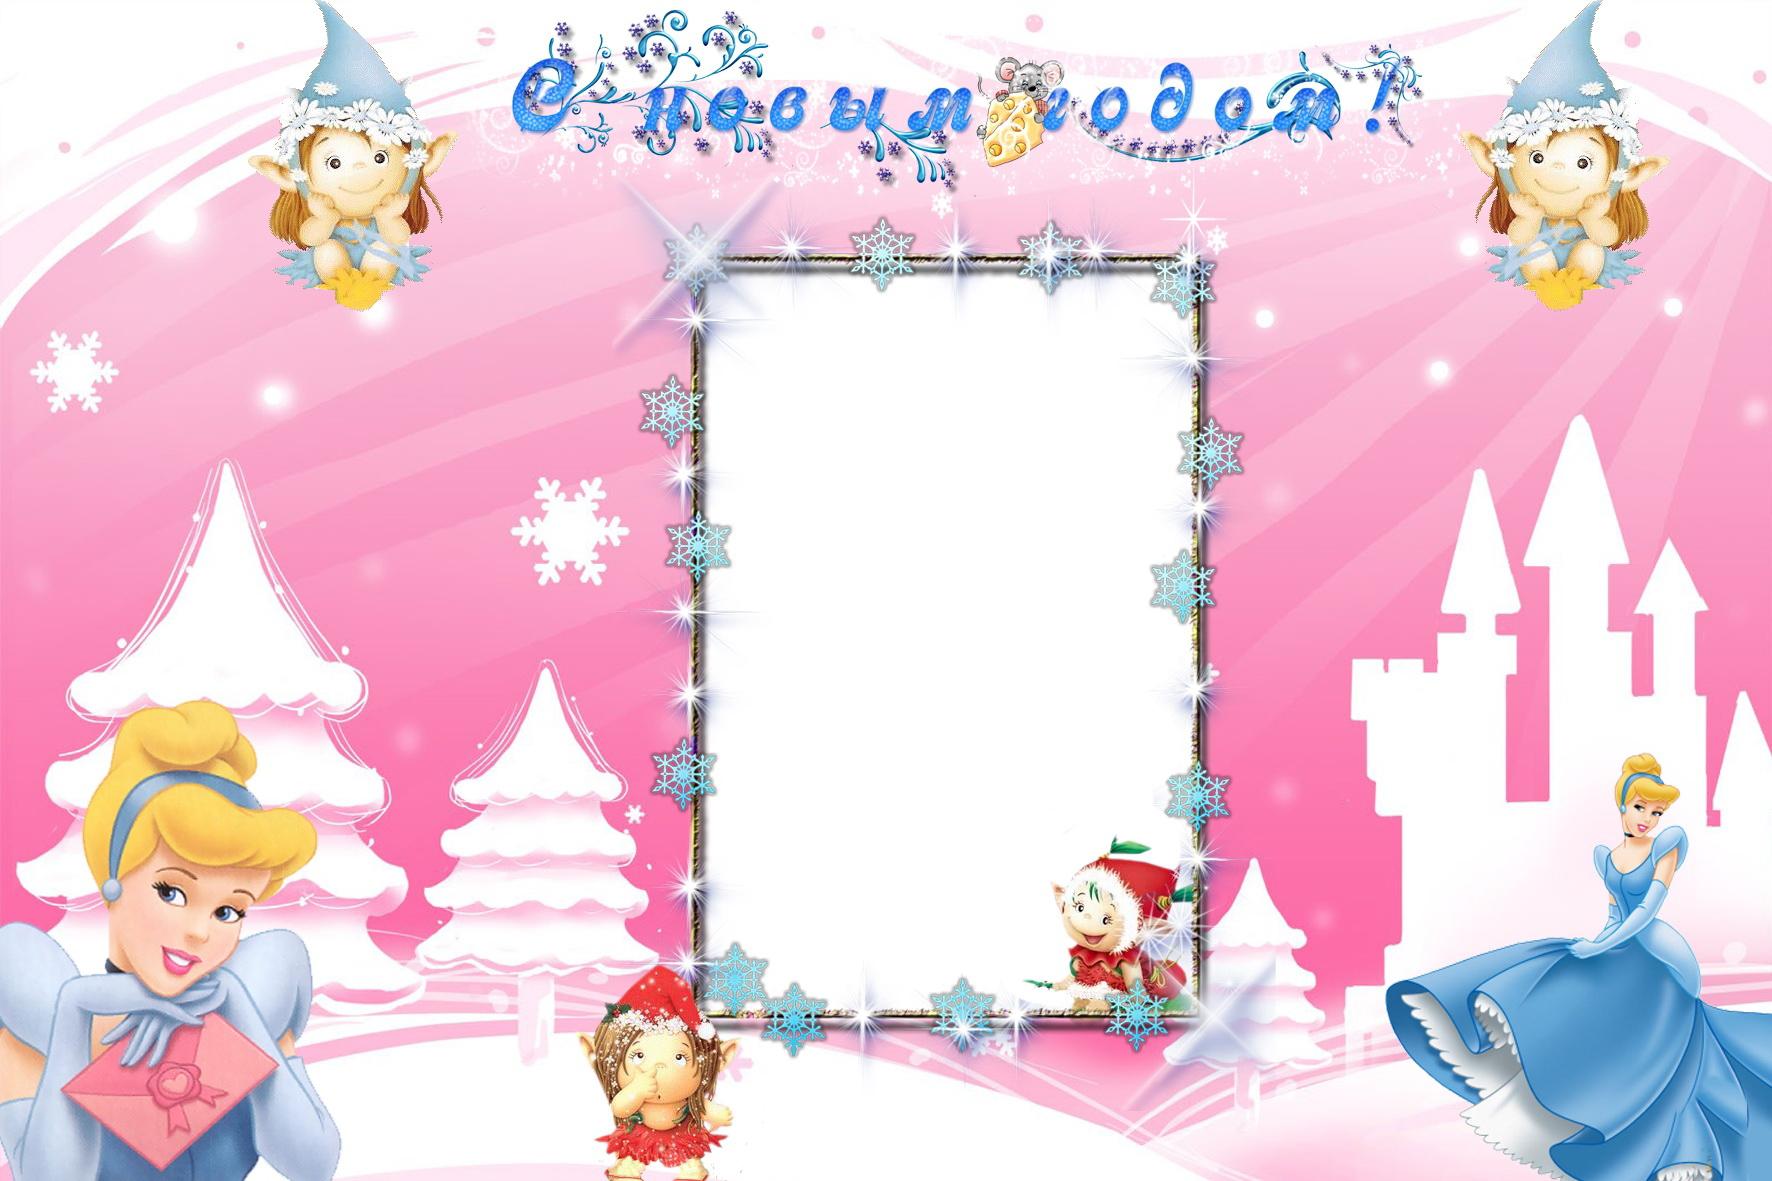 Новогодние рамки. Нежная новогодняя рамка для девочек на светло-розовом фоне с красивыми белыми принтами. Все мы в детстве любили сказку о Золушке. И потому Вам обязательно понравится новогодняя рамка с диснеевской Золушкой, которая вот-вот поедет на бал и белым замком принца вдалеке, ожидает её. Новогодняя рамка украшена снежинками, что придаёт ей ещё больше очарования.